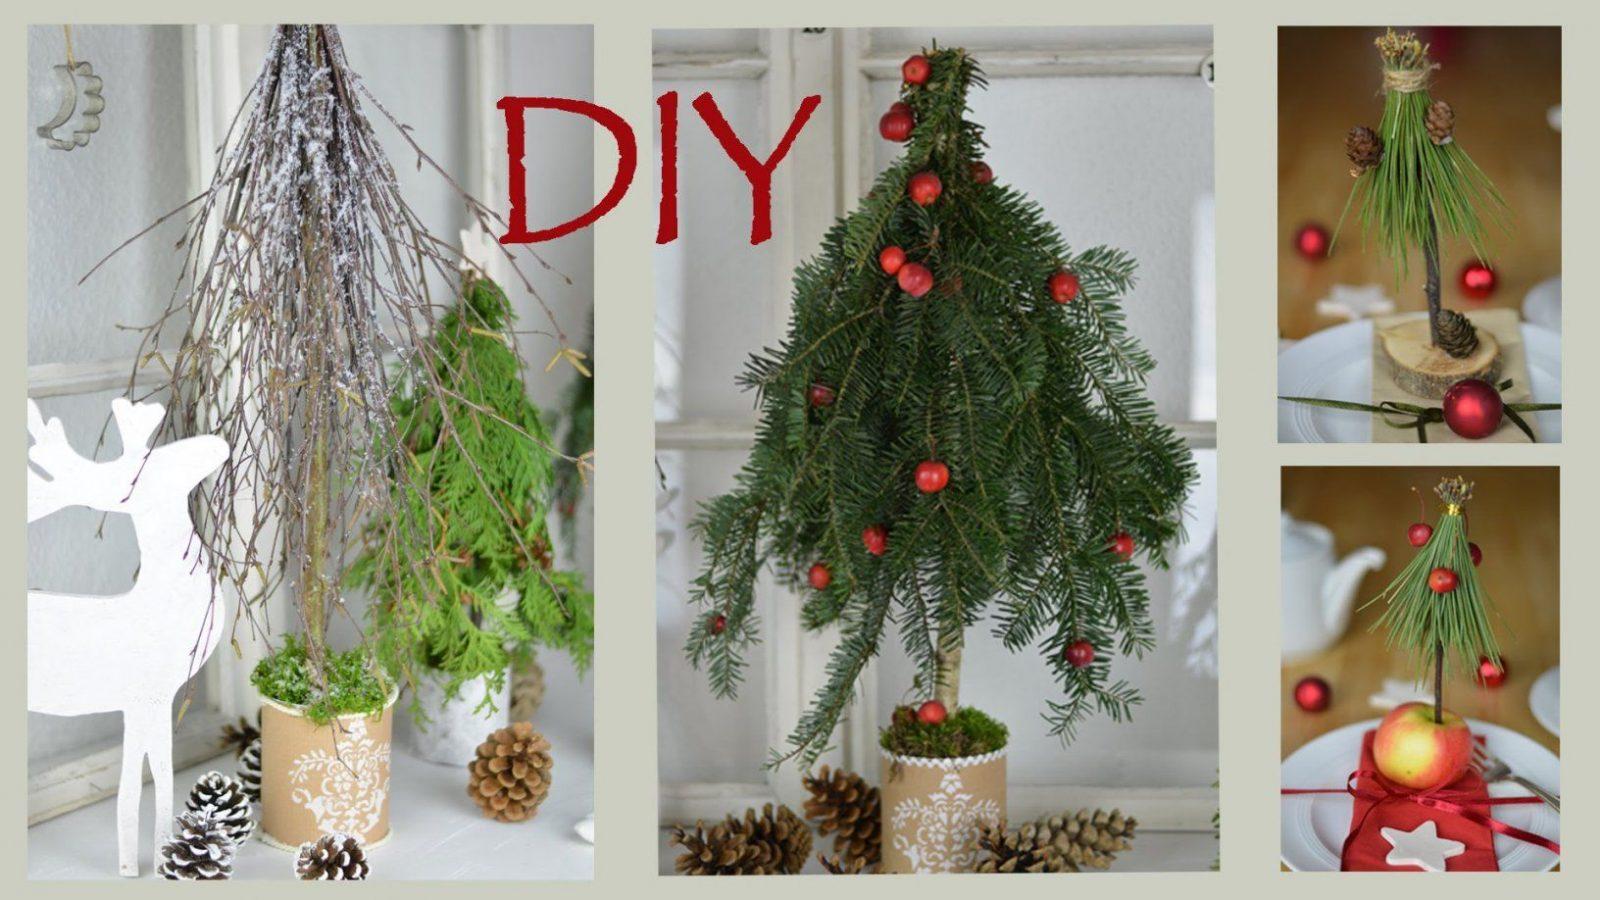 Diy  Weihnachtsdeko Selber Machen  Bäume Aus Zweigen Und Ästen I von Weihnachtsdeko Draußen Selber Machen Photo